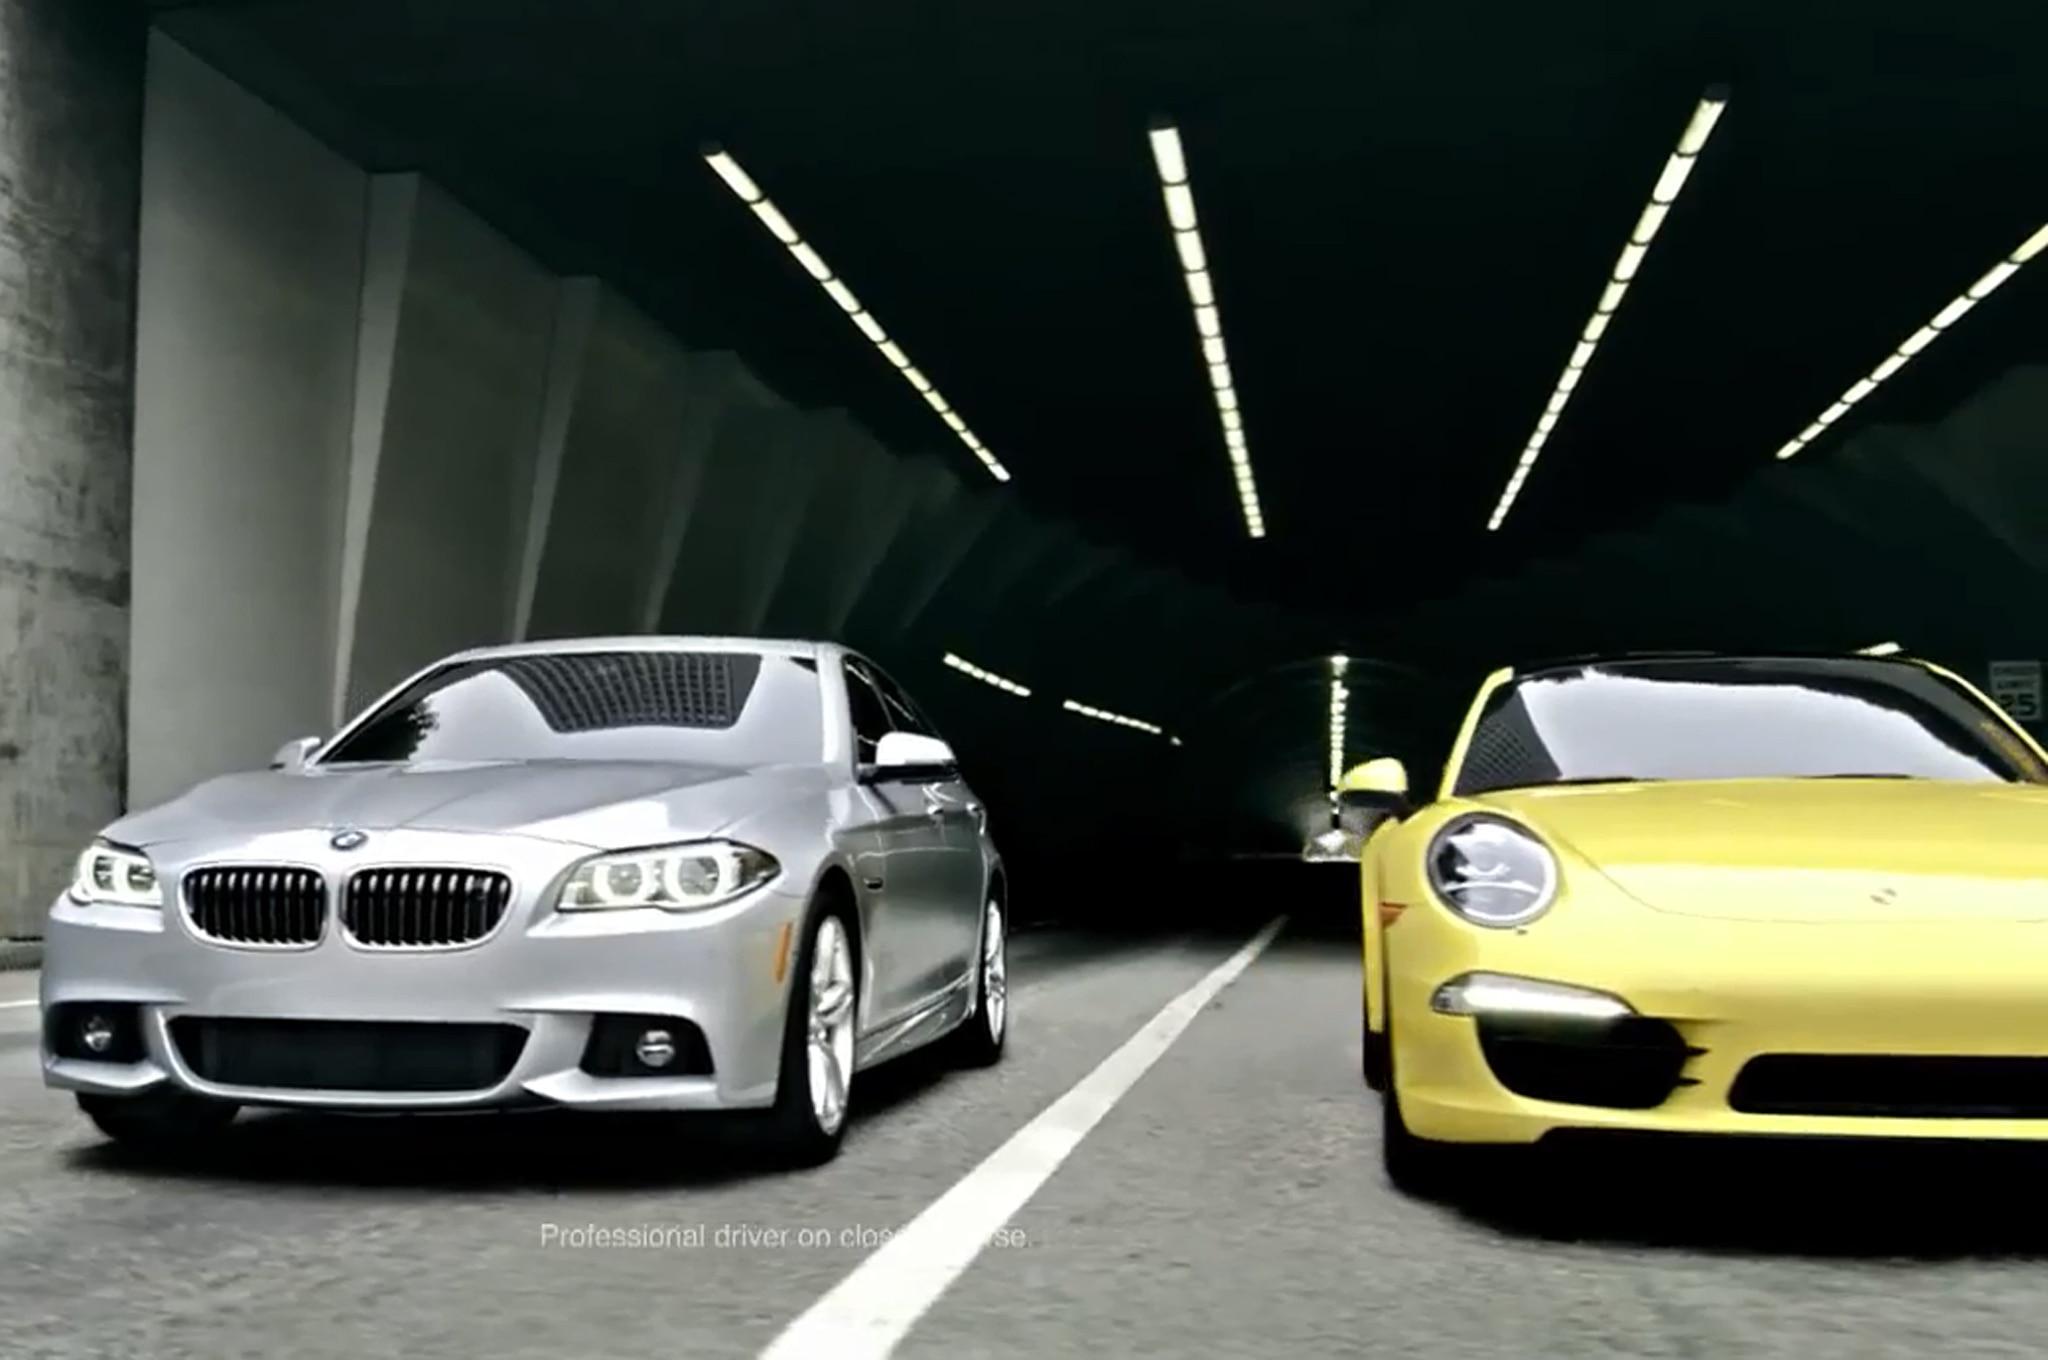 BMW 2014 BMW 535d With Porsche 9111